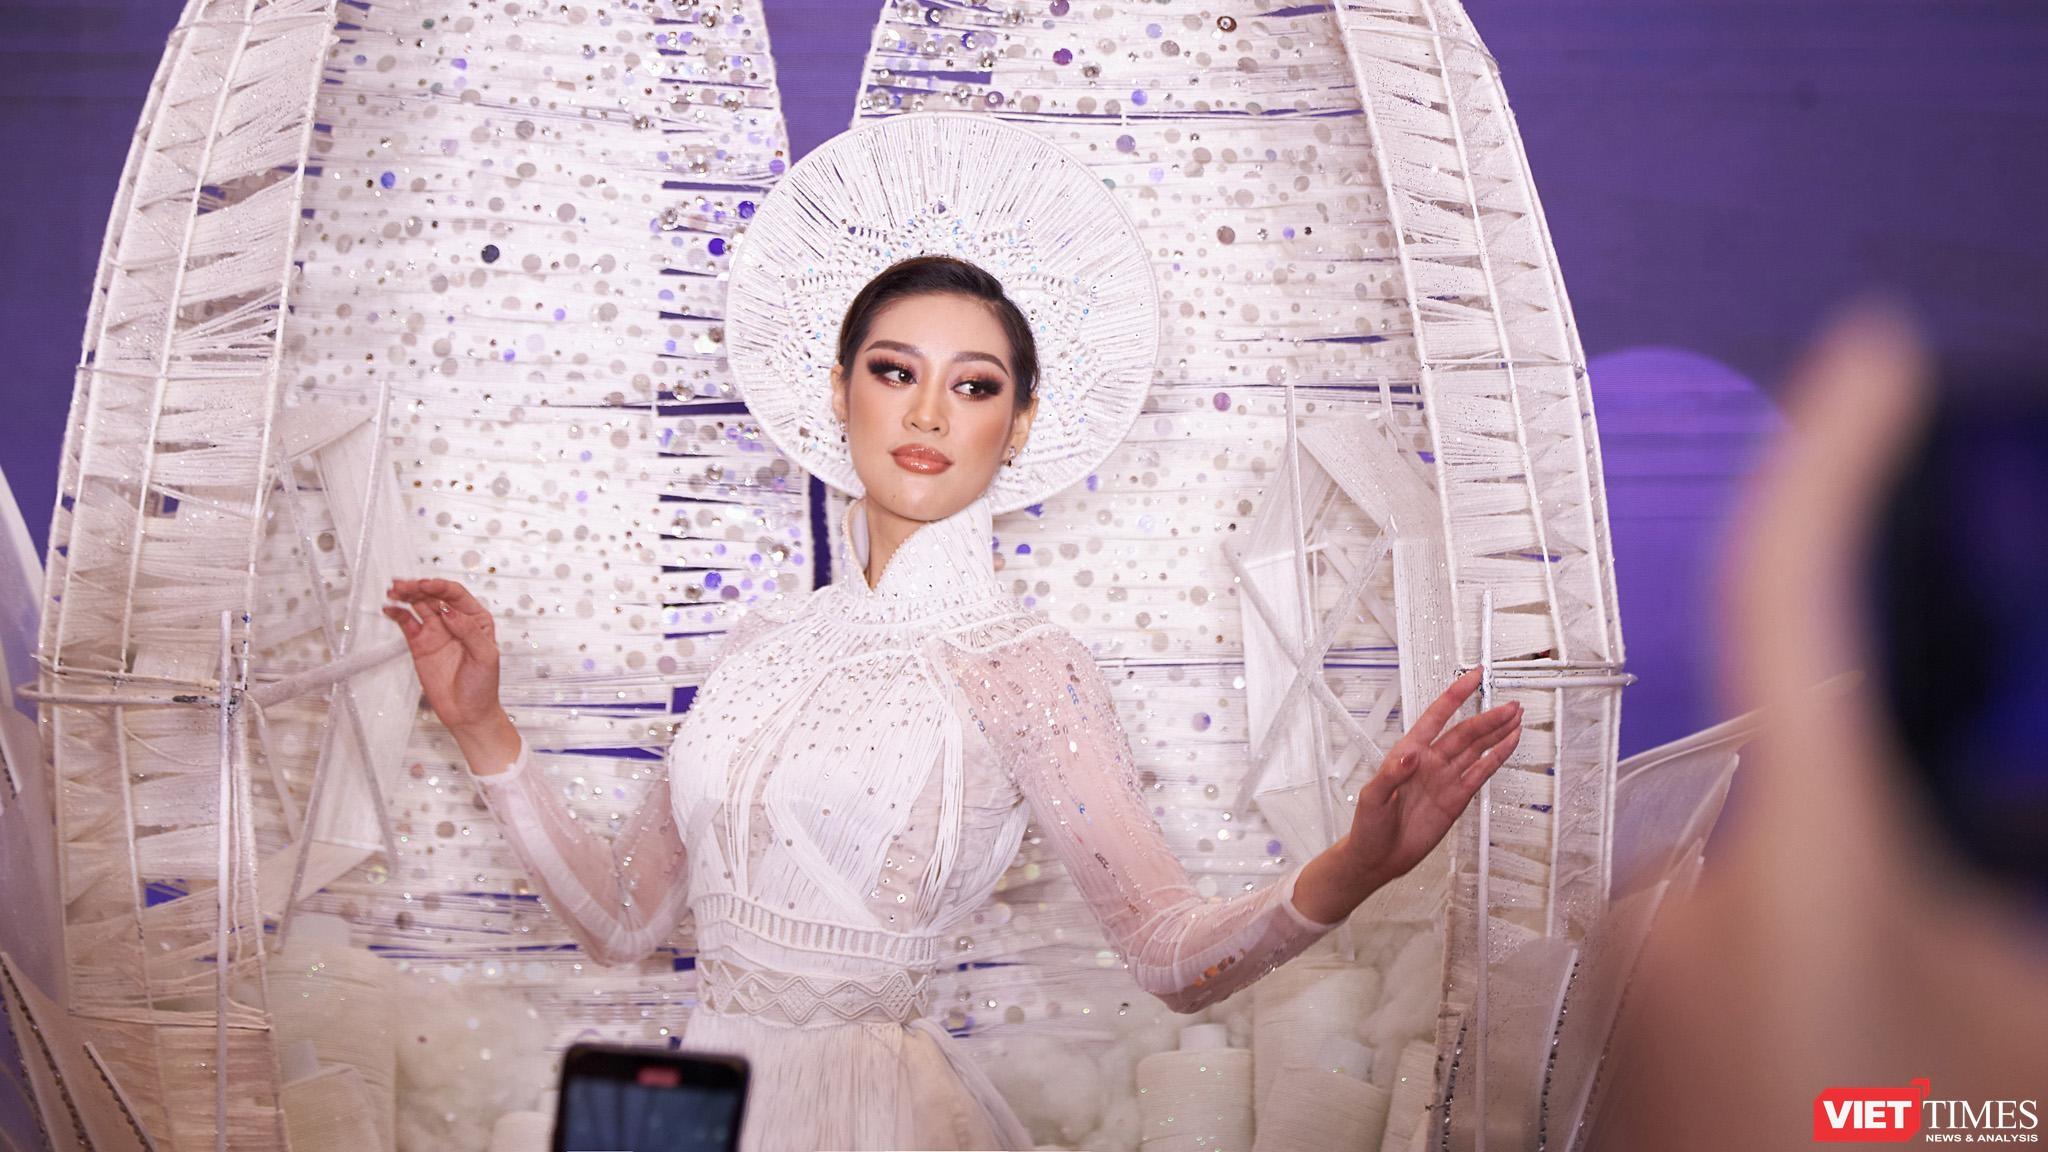 Hoa hậu Khánh Vân trình diễn bộ trang phục dân tộc Kén Em sẽ theo cô sang Mỹ tham dự Hoa hậu Hoàn Vũ thế giới